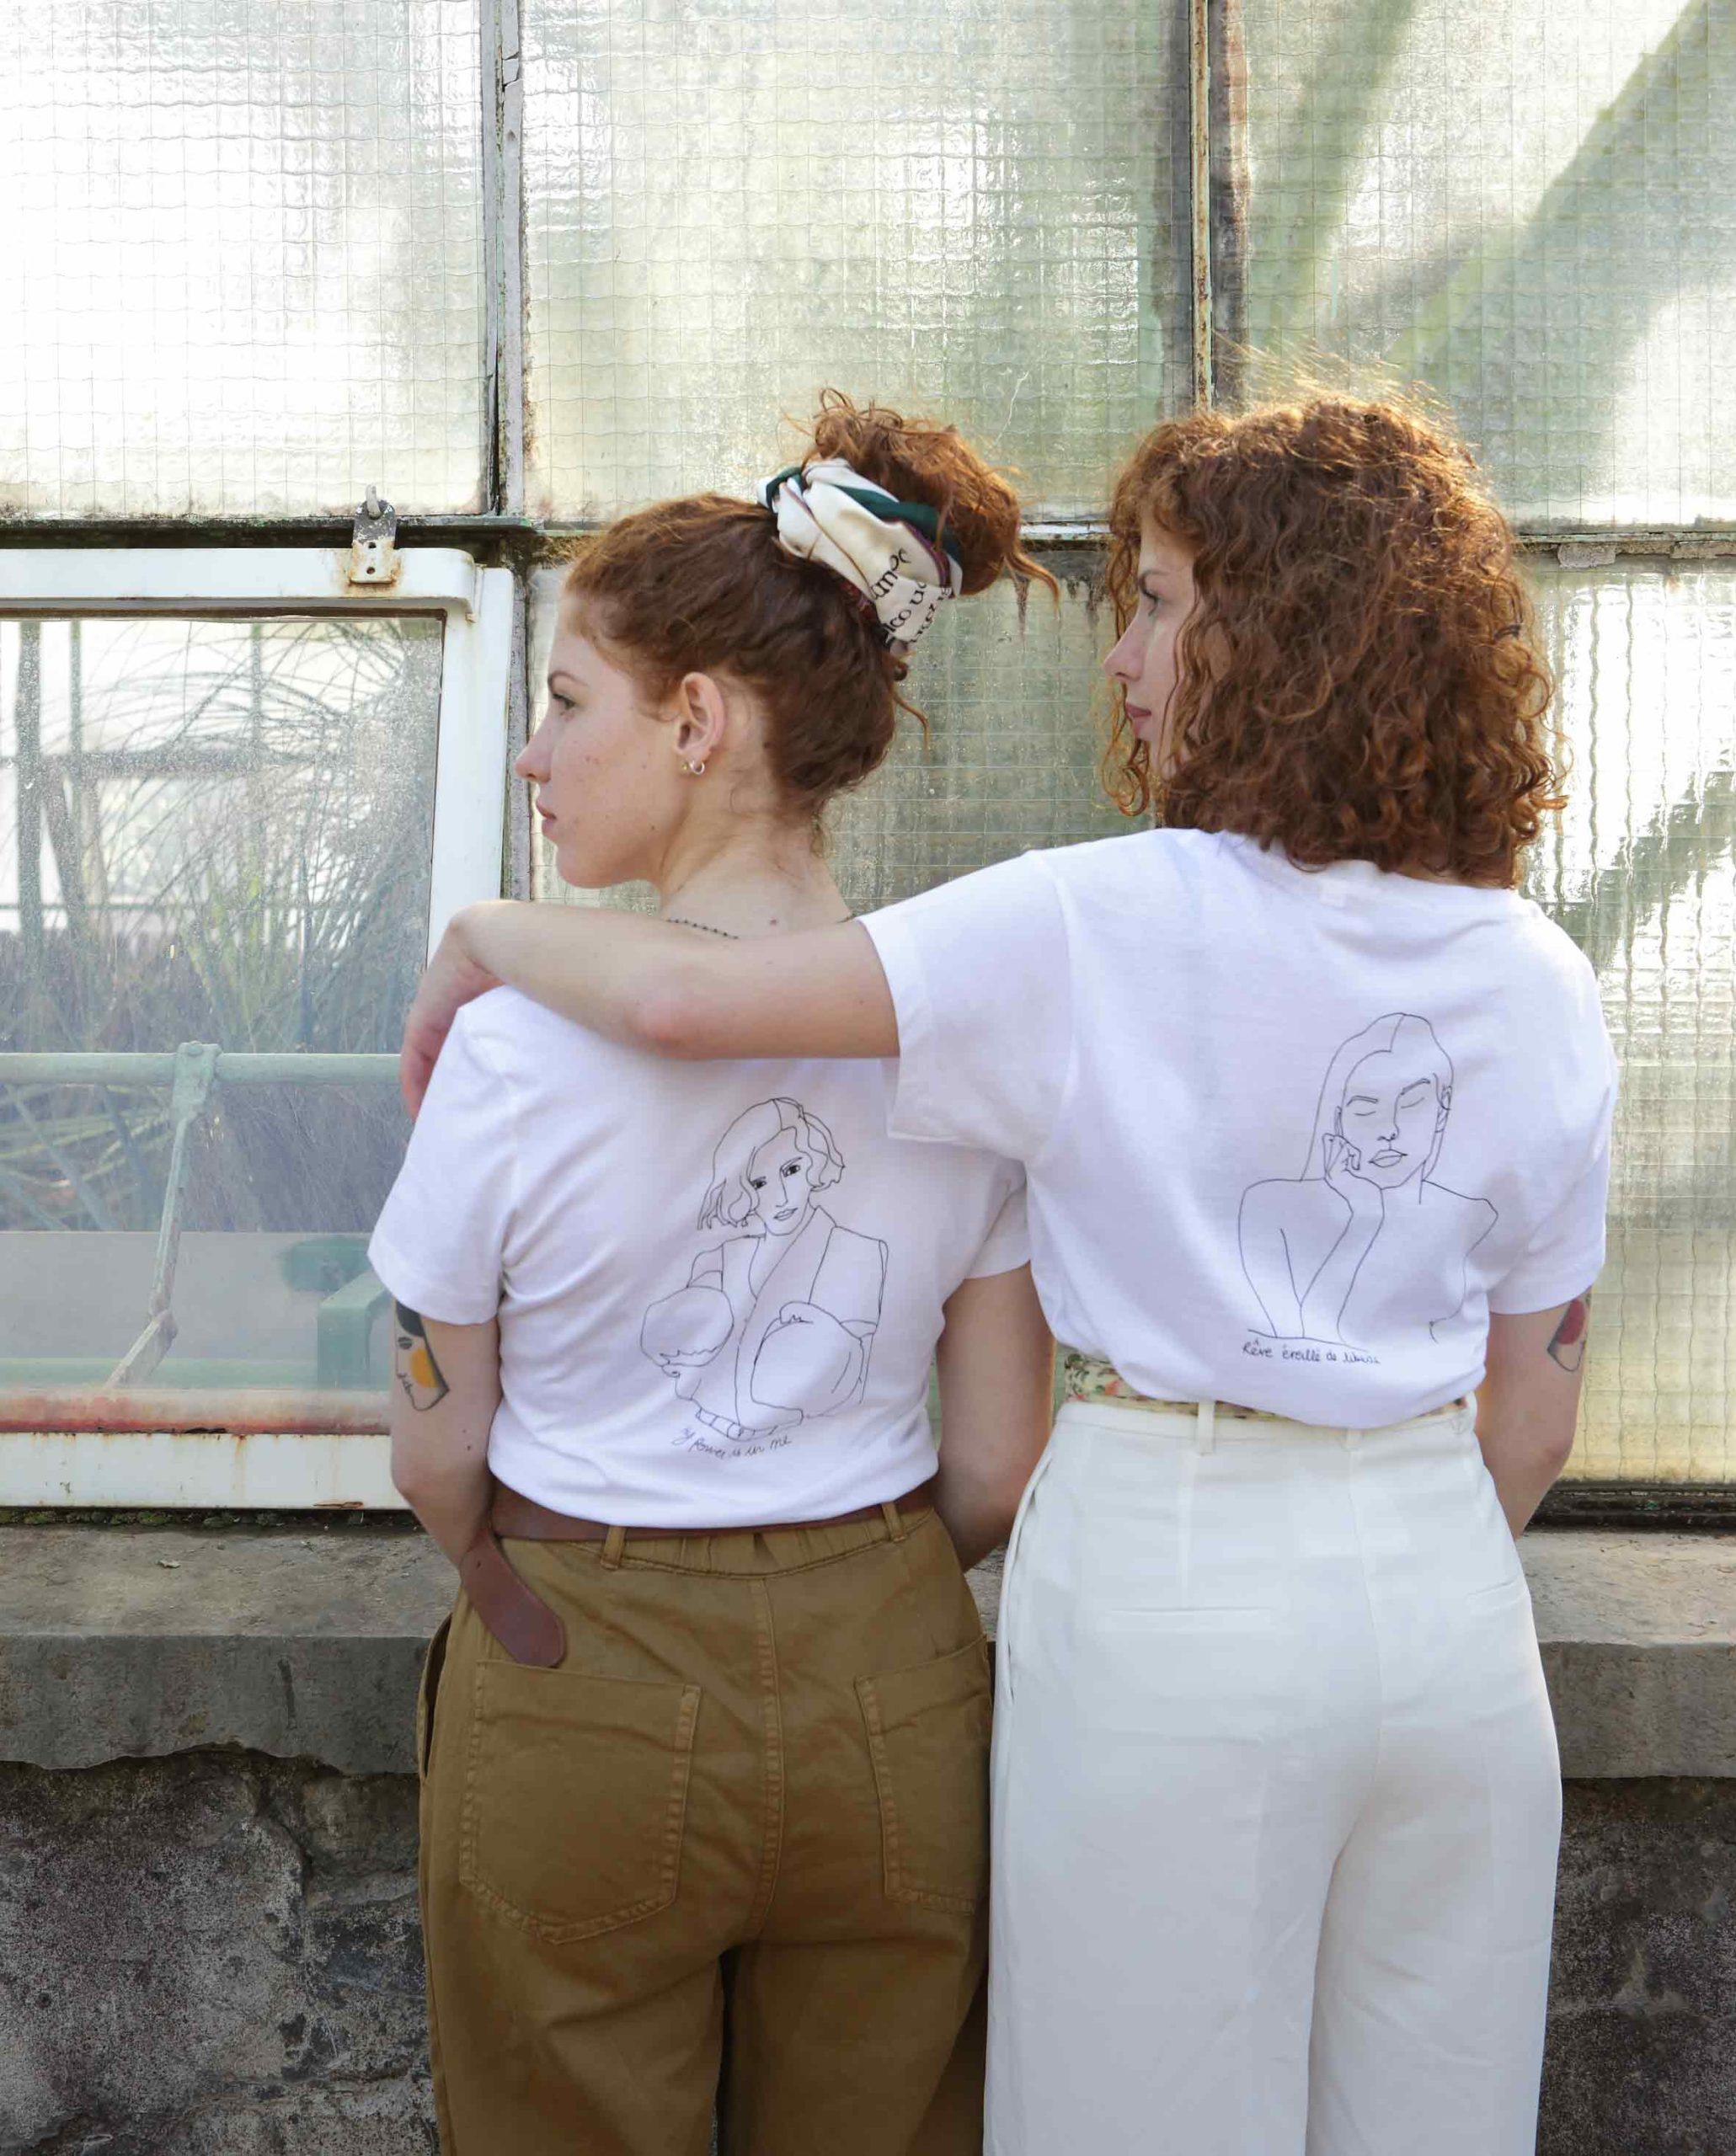 deux femmes avec t-shirt blanc diosas